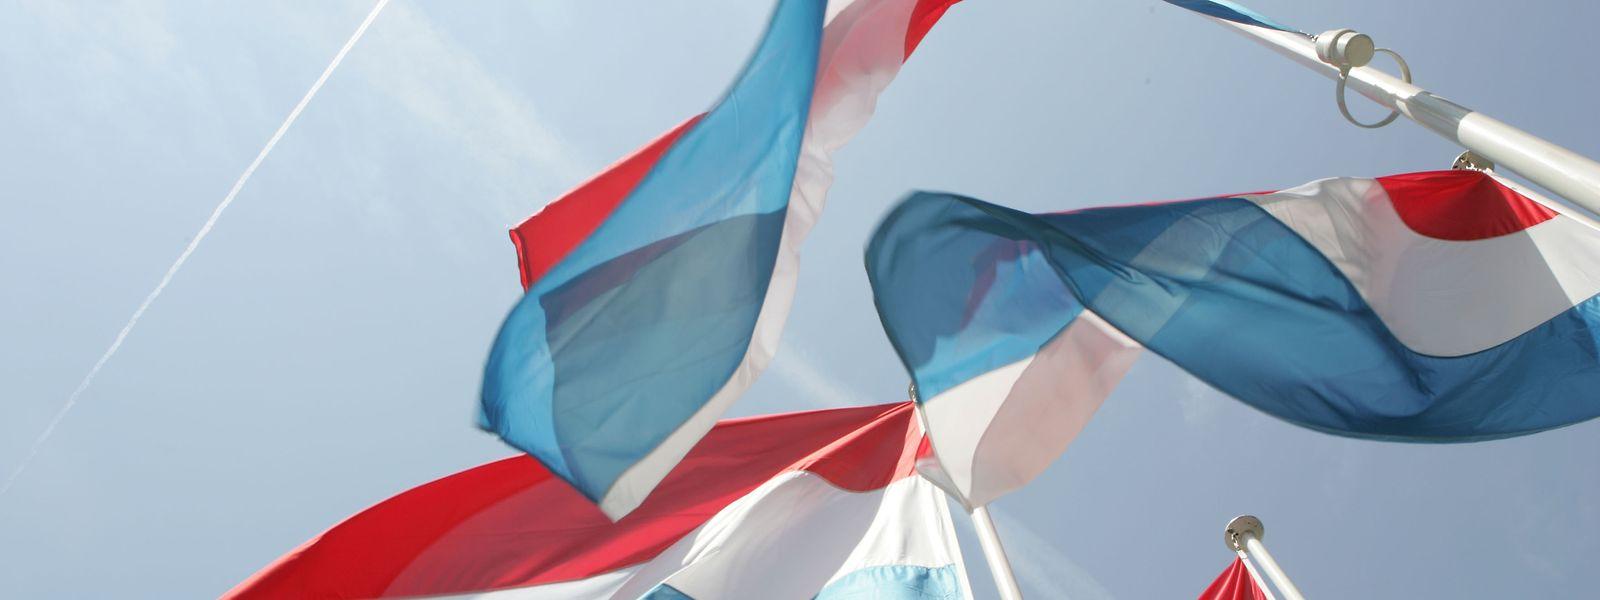 Au Luxembourg, les drapeaux étrangers peuvent être hissés sans exception.